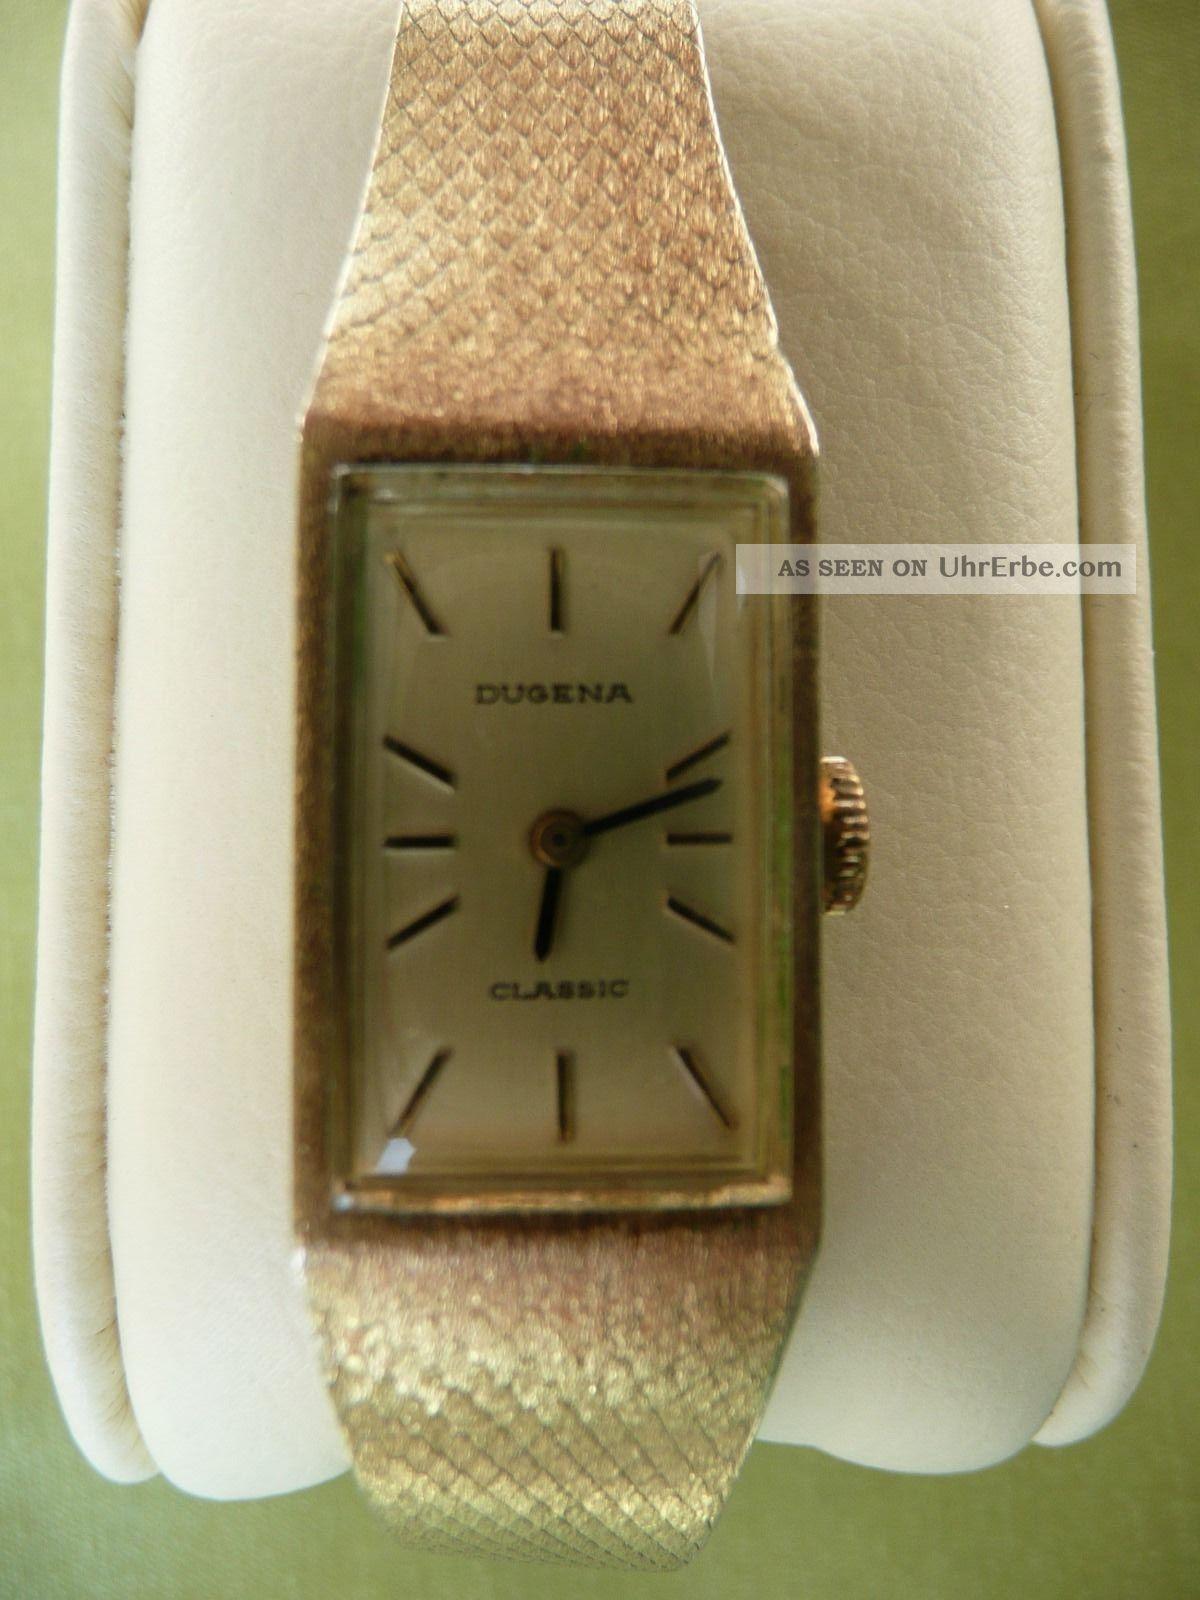 Dugena Classic Damen Armbanduhr Armbanduhren Bild